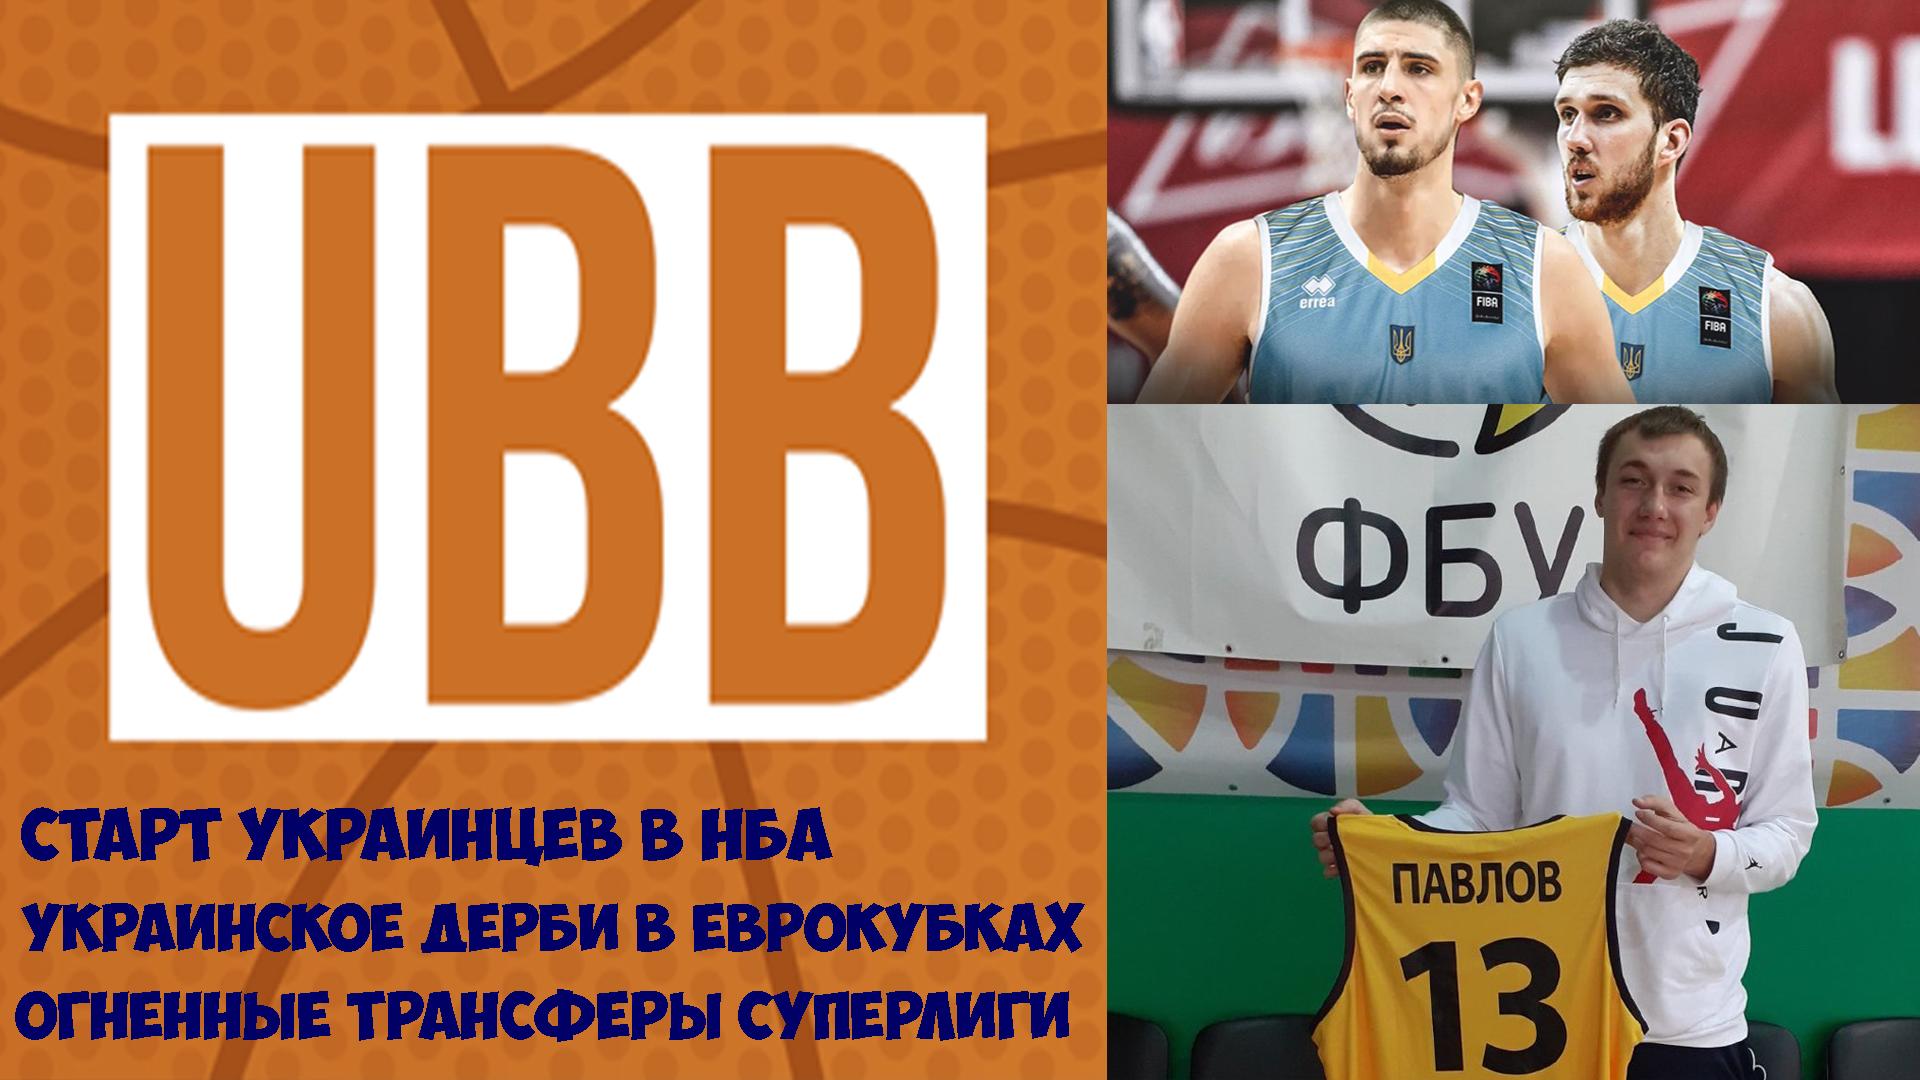 Старт Украинцев в NBA, Украинское Дерби в Кубке Европы FIBA и огненные трансферы Суперлиги